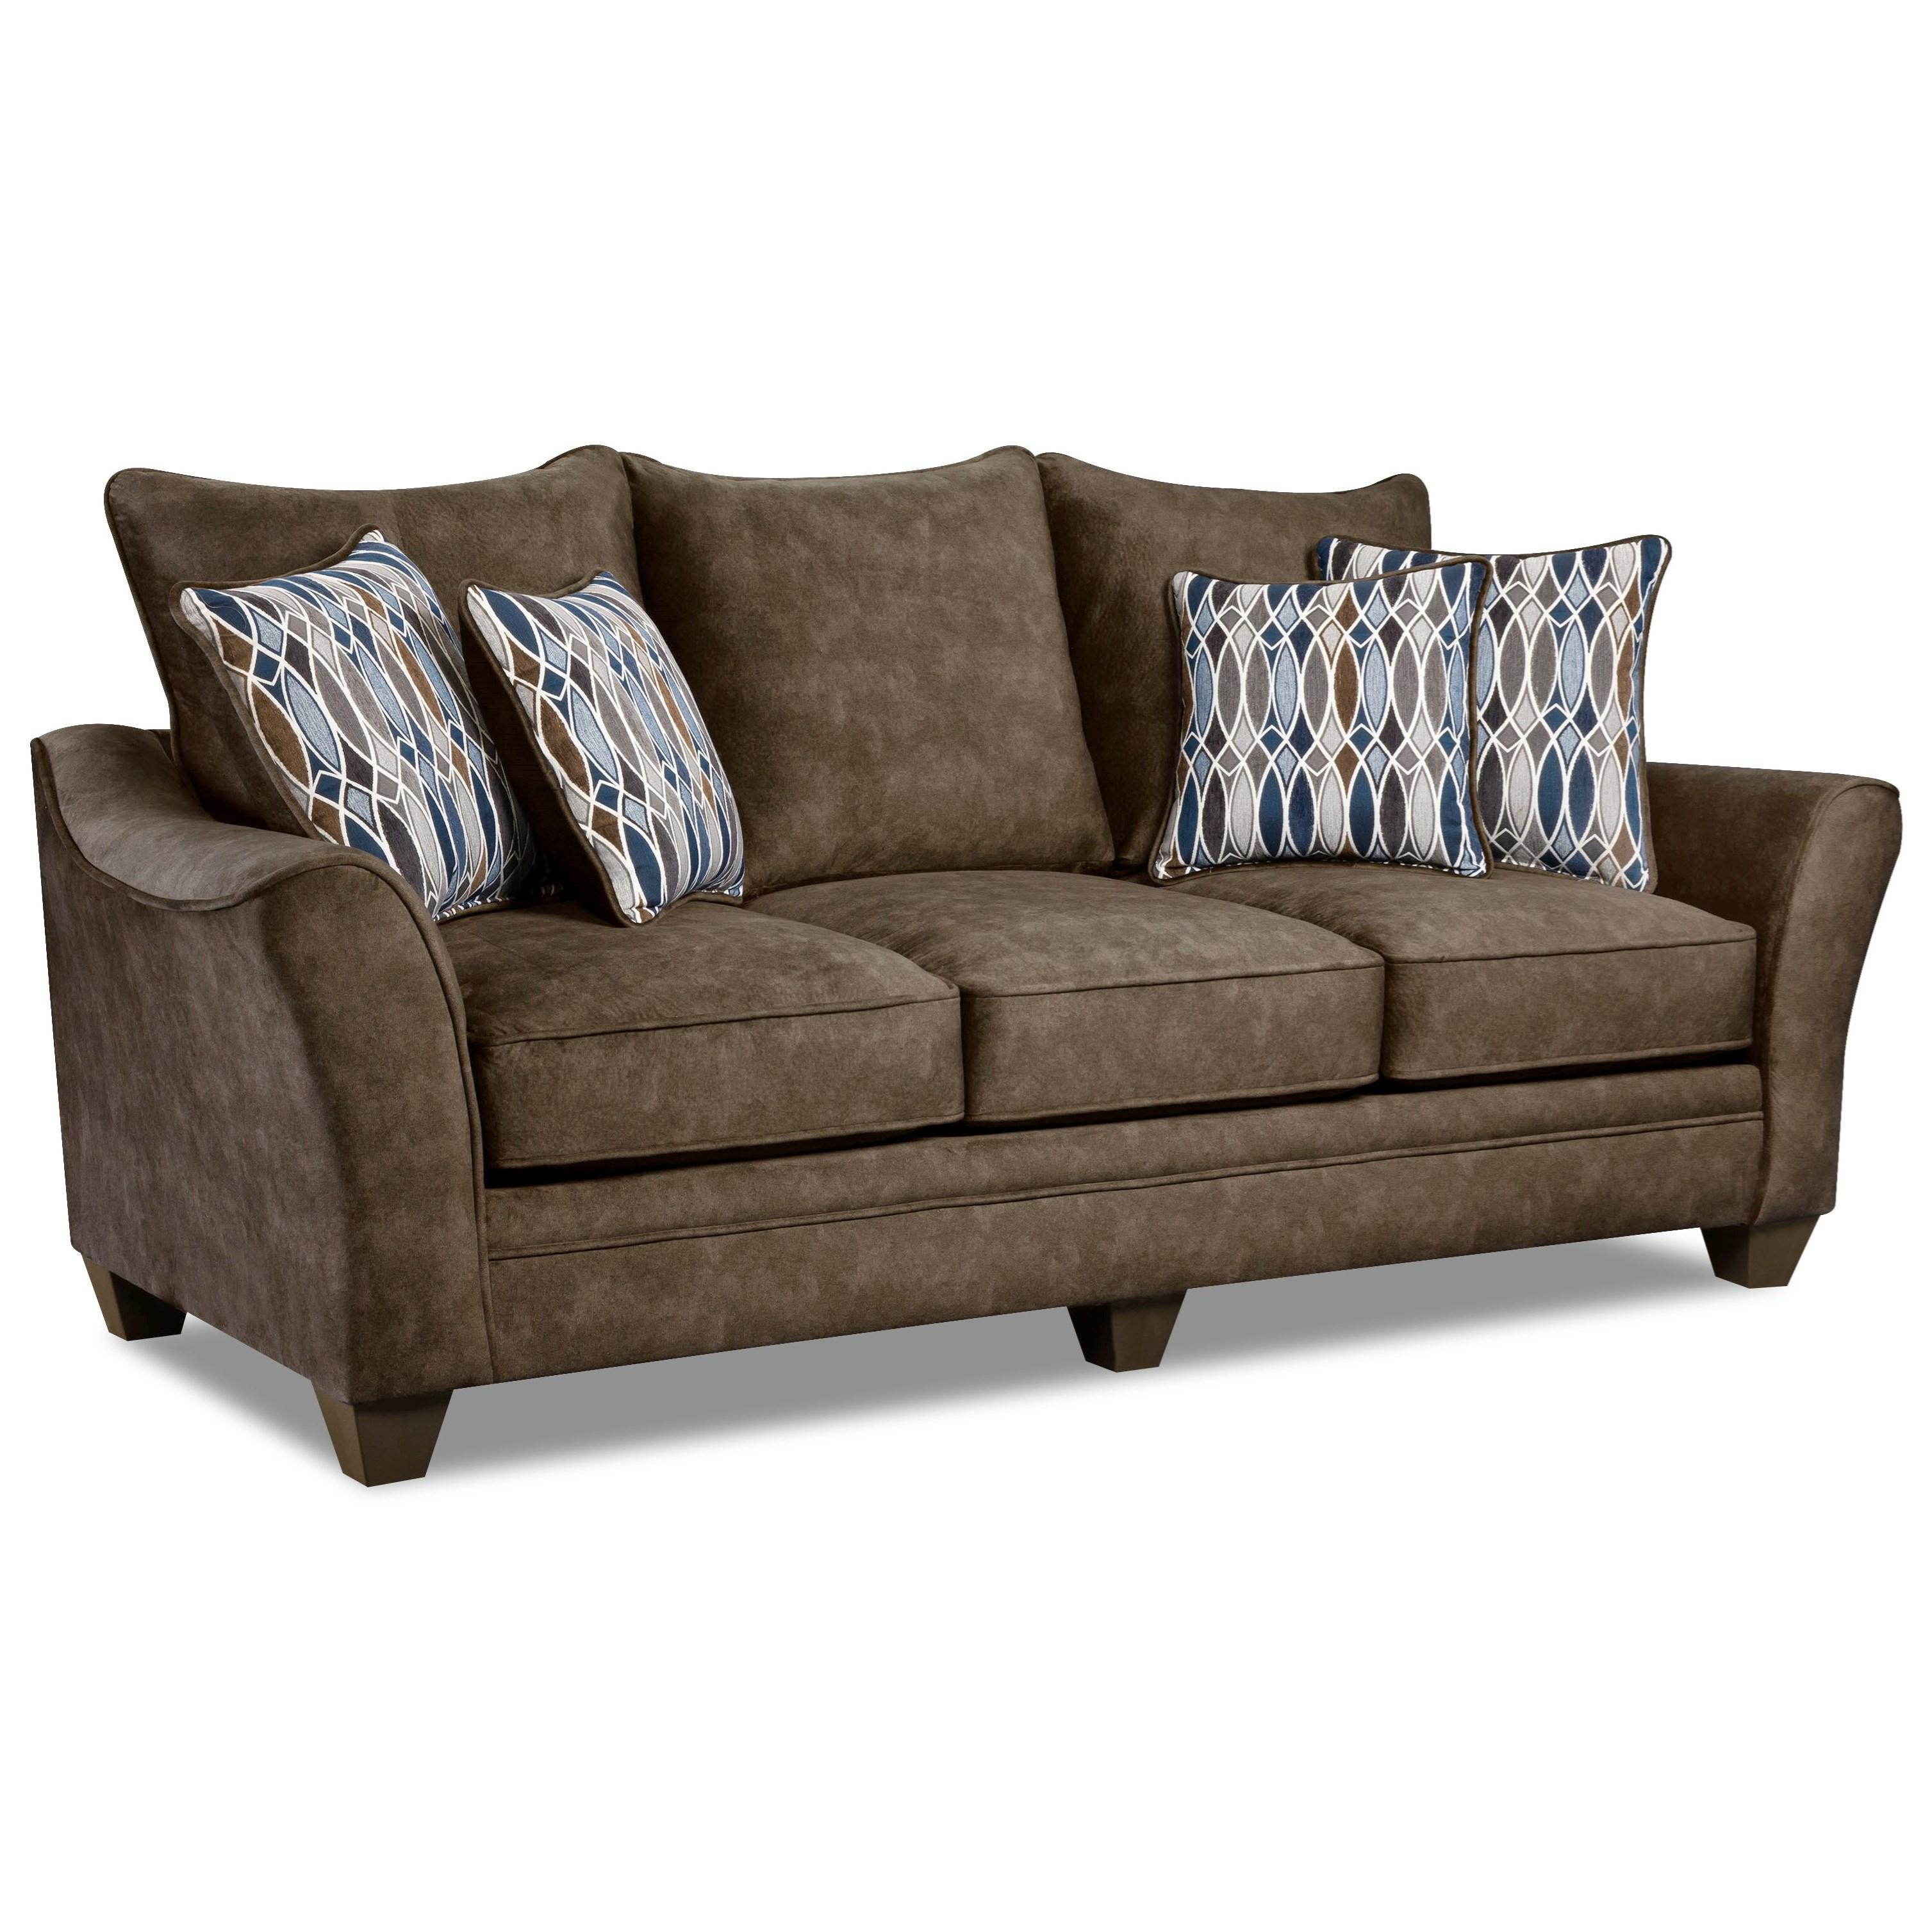 American Furniture 3850 Sofa - Item Number: 3853-Athena-Brown